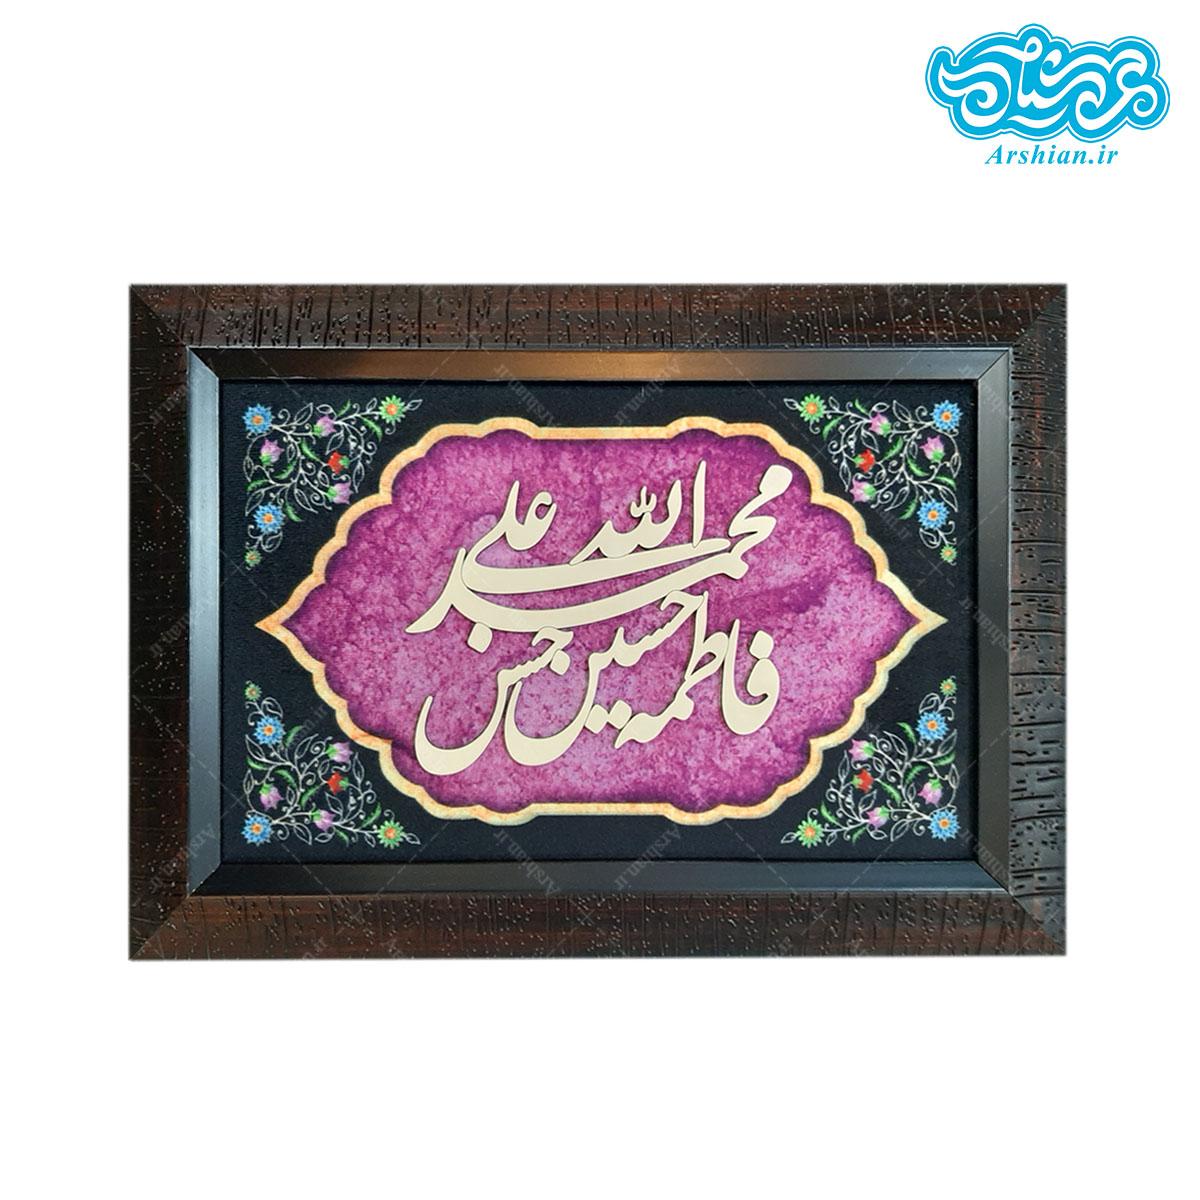 قاب مخمل ومعرق پنج تن آل عبا طرح 003